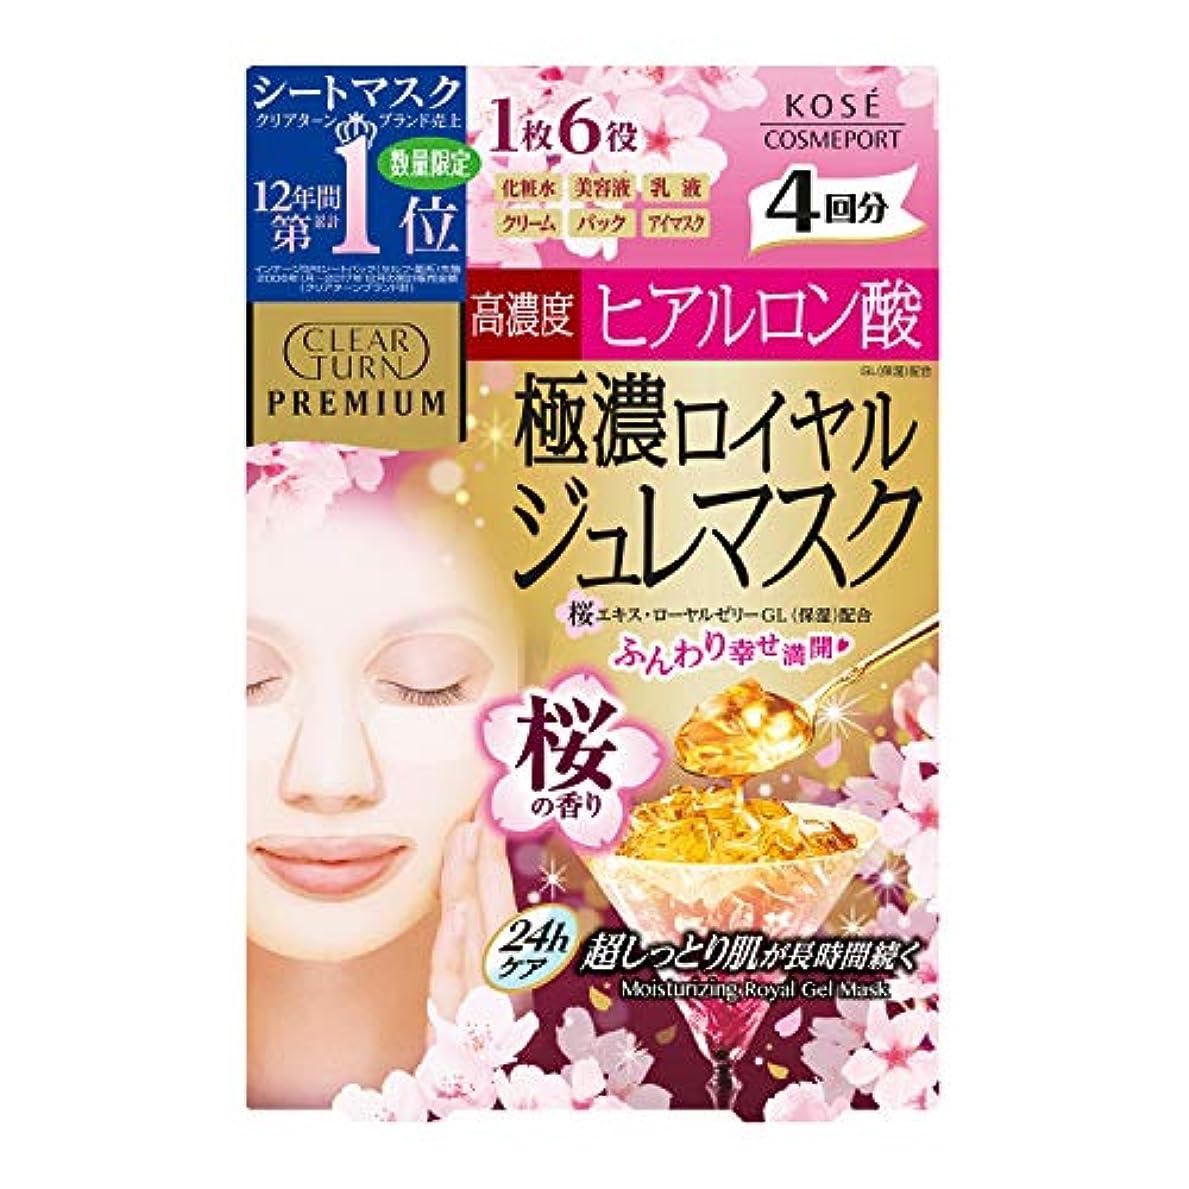 ぐったり多数の出発KOSE クリアターン プレミアムロイヤルジュレマスク(ヒアルロン酸)4回 桜の香り